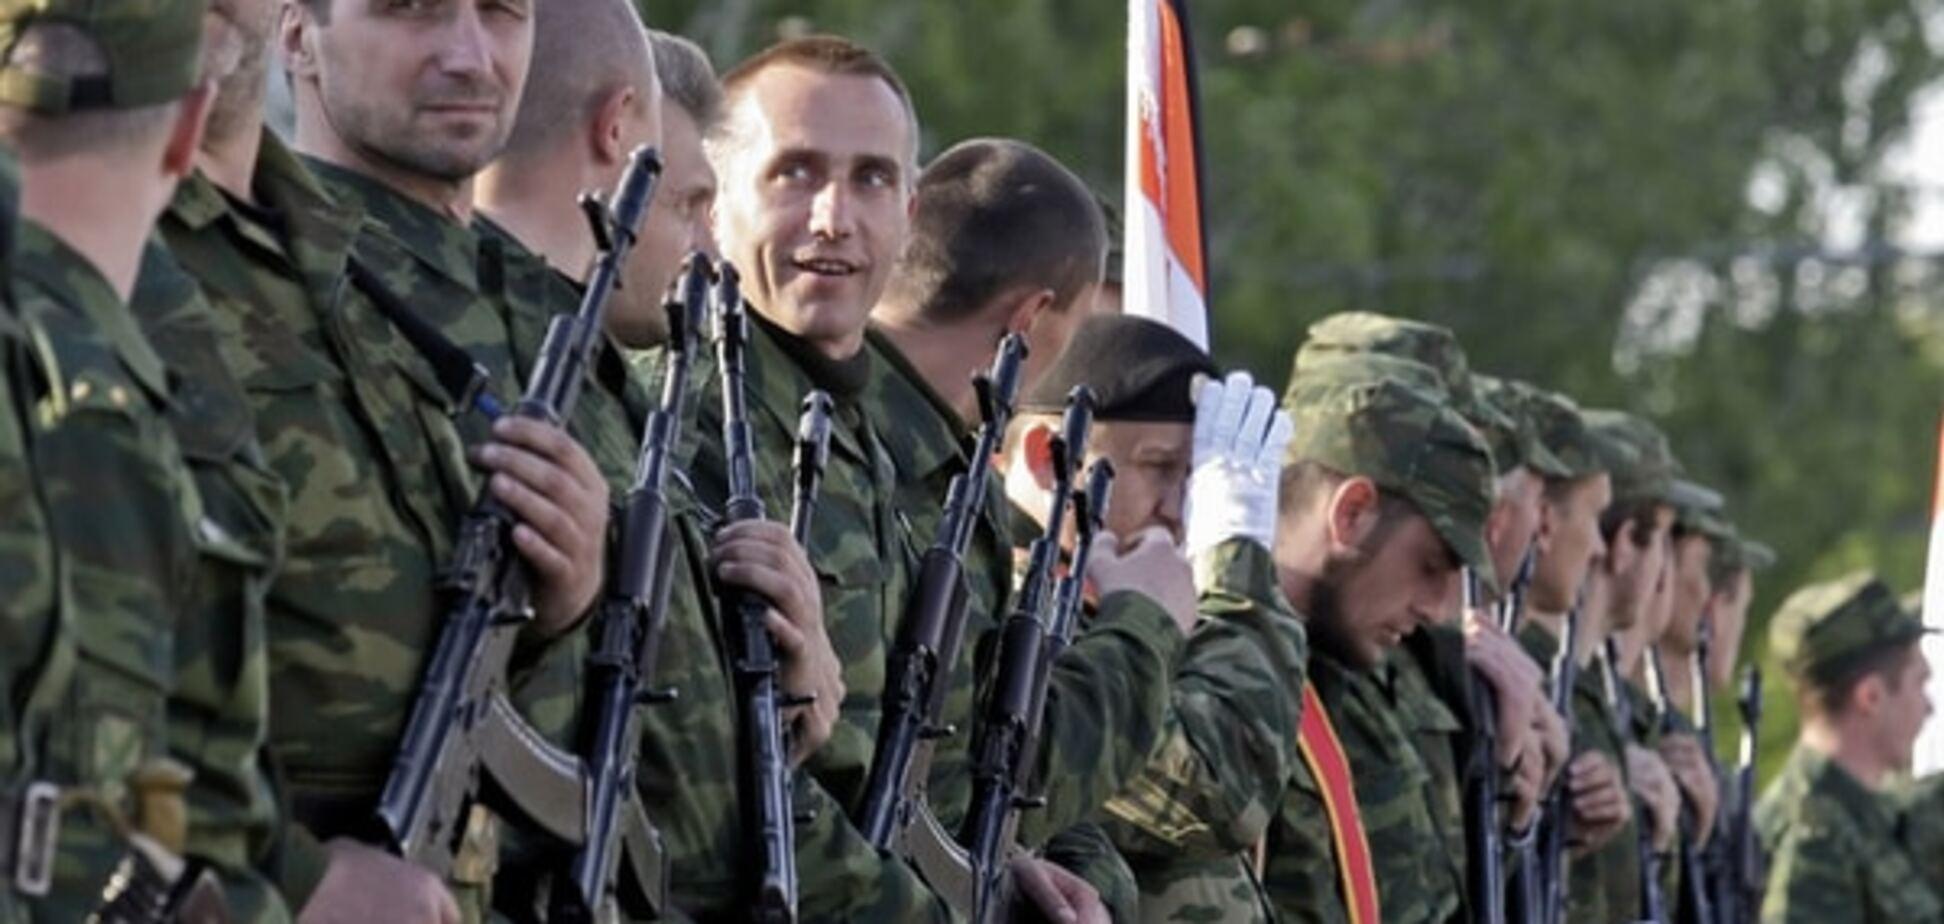 Ротація в 'ЛНР': У Луганськ прибули нові 'контрактники' і кадрові офіцери з Росії